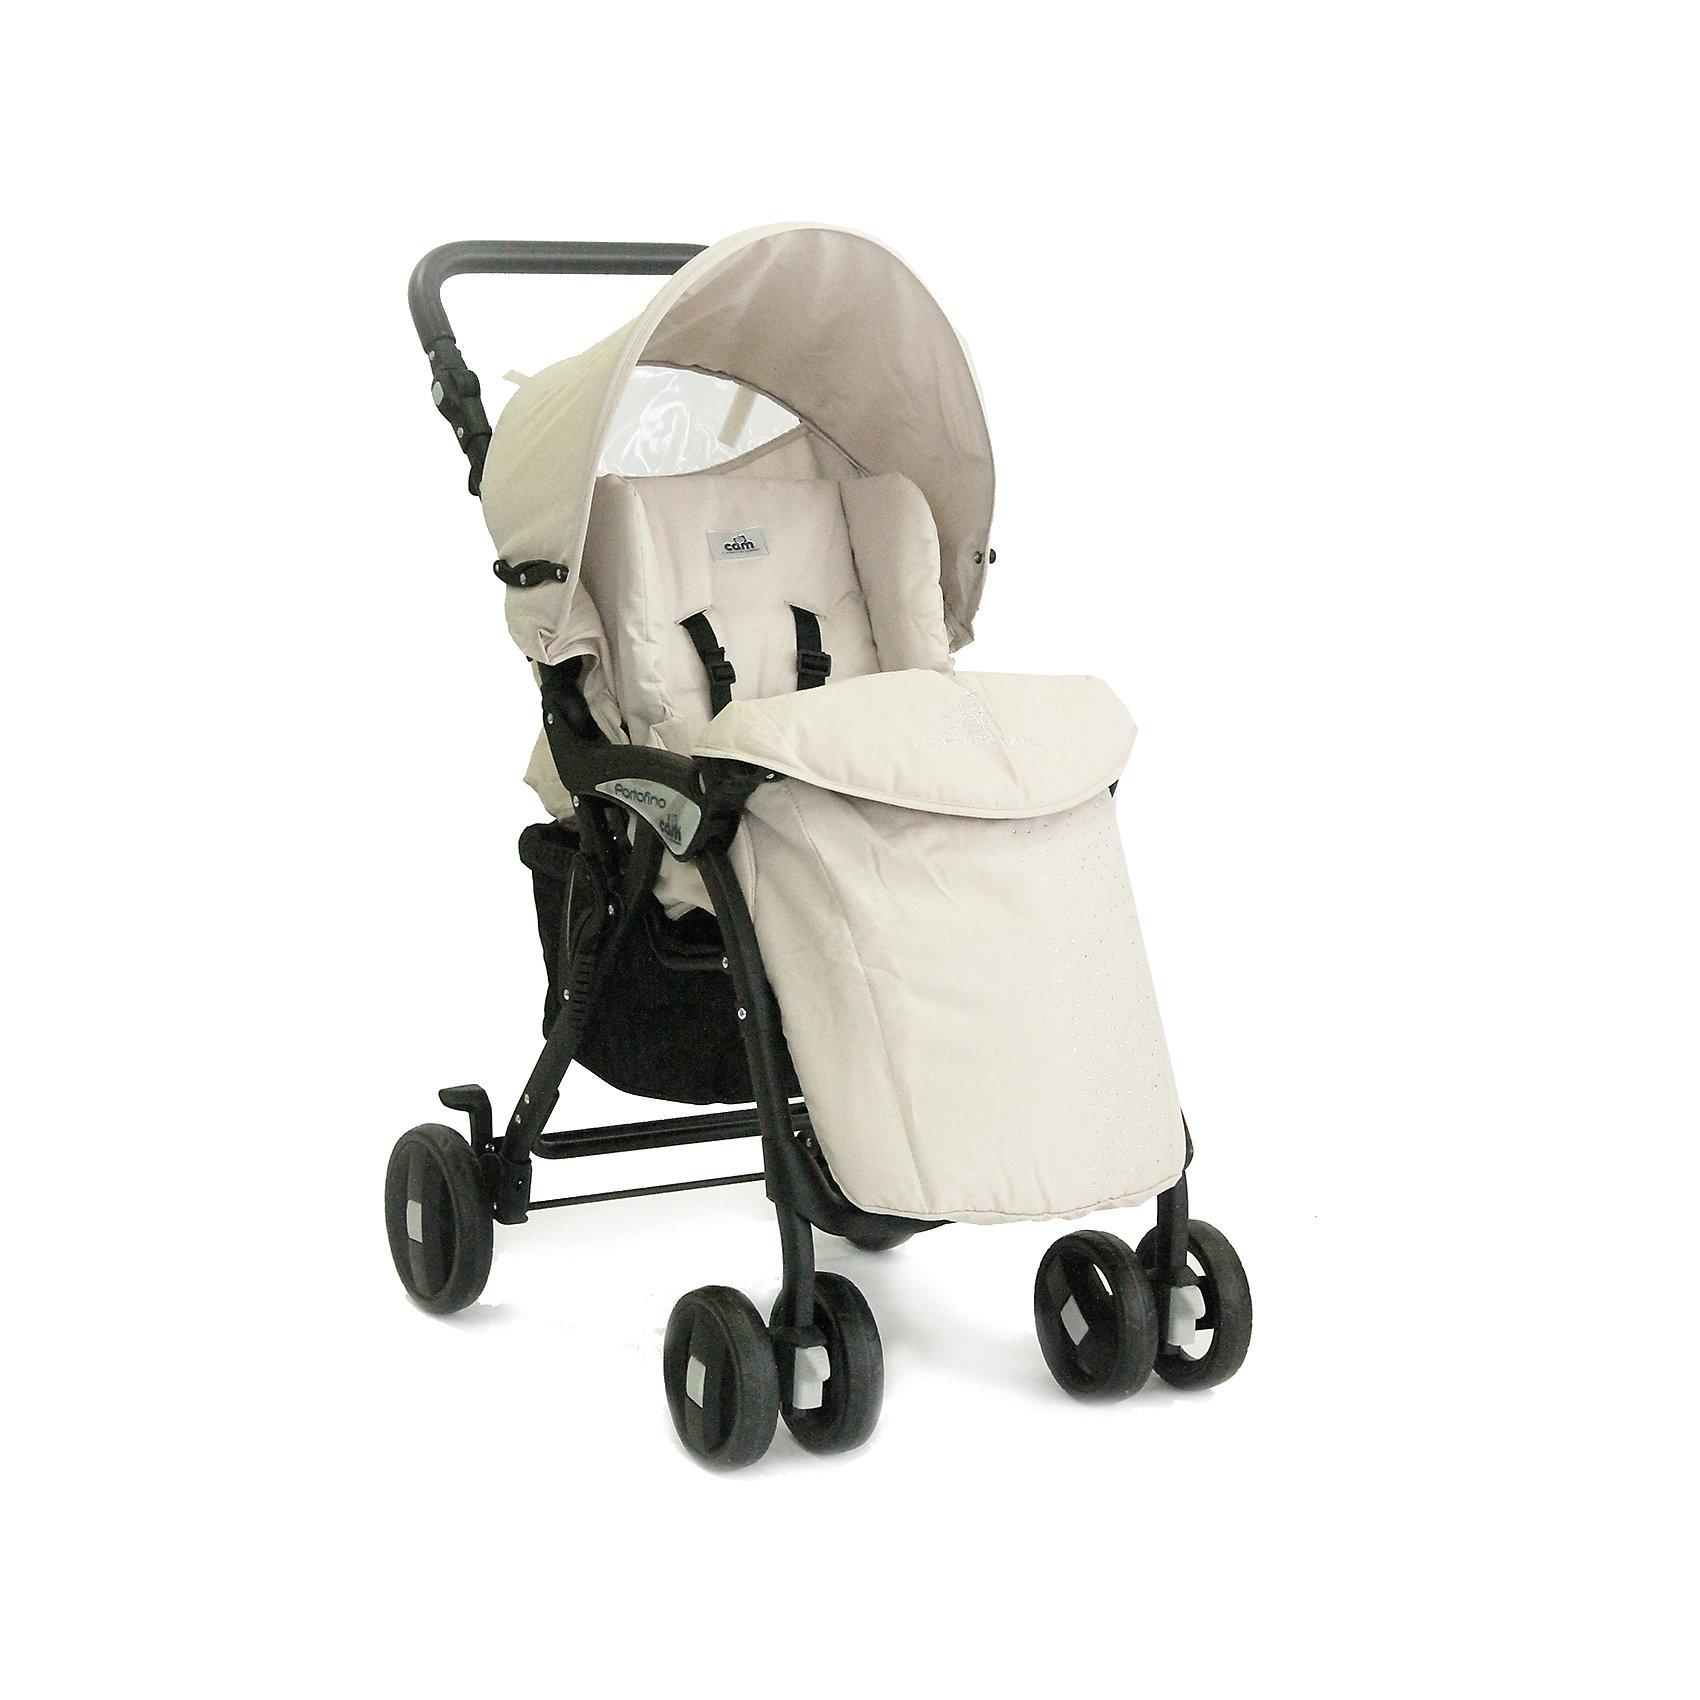 Прогулочная коляска Portofino Ex с кристаллами, CAM, кремовыйПрогулочная коляска Portofino Ex с кристаллами, CAM, кремовый<br>Прогулочная коляска Cam Portofino с прочной легкой алюминиевой рамой и механизмом складывания типа книжка позволит совершать с малышом как прогулки по городу, так и брать ее с собой в поездки. Мягкая спинка и жесткая подножка без труда регулируются в нескольких положениях, чтобы крохе было удобно и сидеть, и лежать в коляске. Спинка раскладывается до положения лежа. Пятиточечные ремни безопасности и съемный бампер обеспечат надежную фиксацию ребенка и не позволят ему выскользнуть. Чехол на ноги согреет ноги малыша в прохладную погоду, дождевик убережет от промокания в непогоду, а объемный складывающийся съемный капюшон с козырьком защитит ребенка от солнца и дождя. В капюшоне имеется окошко, из прозрачной плотной пленки ПВХ через которое можно наблюдать за малышом. Предусмотрена вместительная корзина для покупок. Ручка коляски сделана из нескользящего приятного на ощупь материала, регулируется по высоте под рост родителей. Передние сдвоенные, поворотные на 360° колеса, с возможностью блокировки, обеспечат превосходную маневренность и плавность хода. Тормоз расположен на задних одиночных колесах и фиксирует сразу оба колеса. Пружинная система амортизации позволяет уменьшить тряску от неровностей на дороге. Система компактного складывания удобна для транспортировки и хранения, замок не позволит коляске неожиданно разложиться. Есть ручка для переноски коляски в сложенном виде. Прогулочная коляска Cam Portofino сделана из нетоксичных современных материалов, в соответствии с европейским стандартом качества детских товаров.<br><br>Дополнительная информация:<br><br>- В комплекте: накидка на ножки, дождевик<br>- Цвет: кремовый (отделка кристаллы)<br>- 4 положения регулировки спинки<br>- Колеса: 6 полиуретановые с пластиковыми ободами<br>- Литые диски на подшипниках из морозоустойчивого бесшумного пластика<br>- Колесная база: 53 см.<br>- Диаметр колес